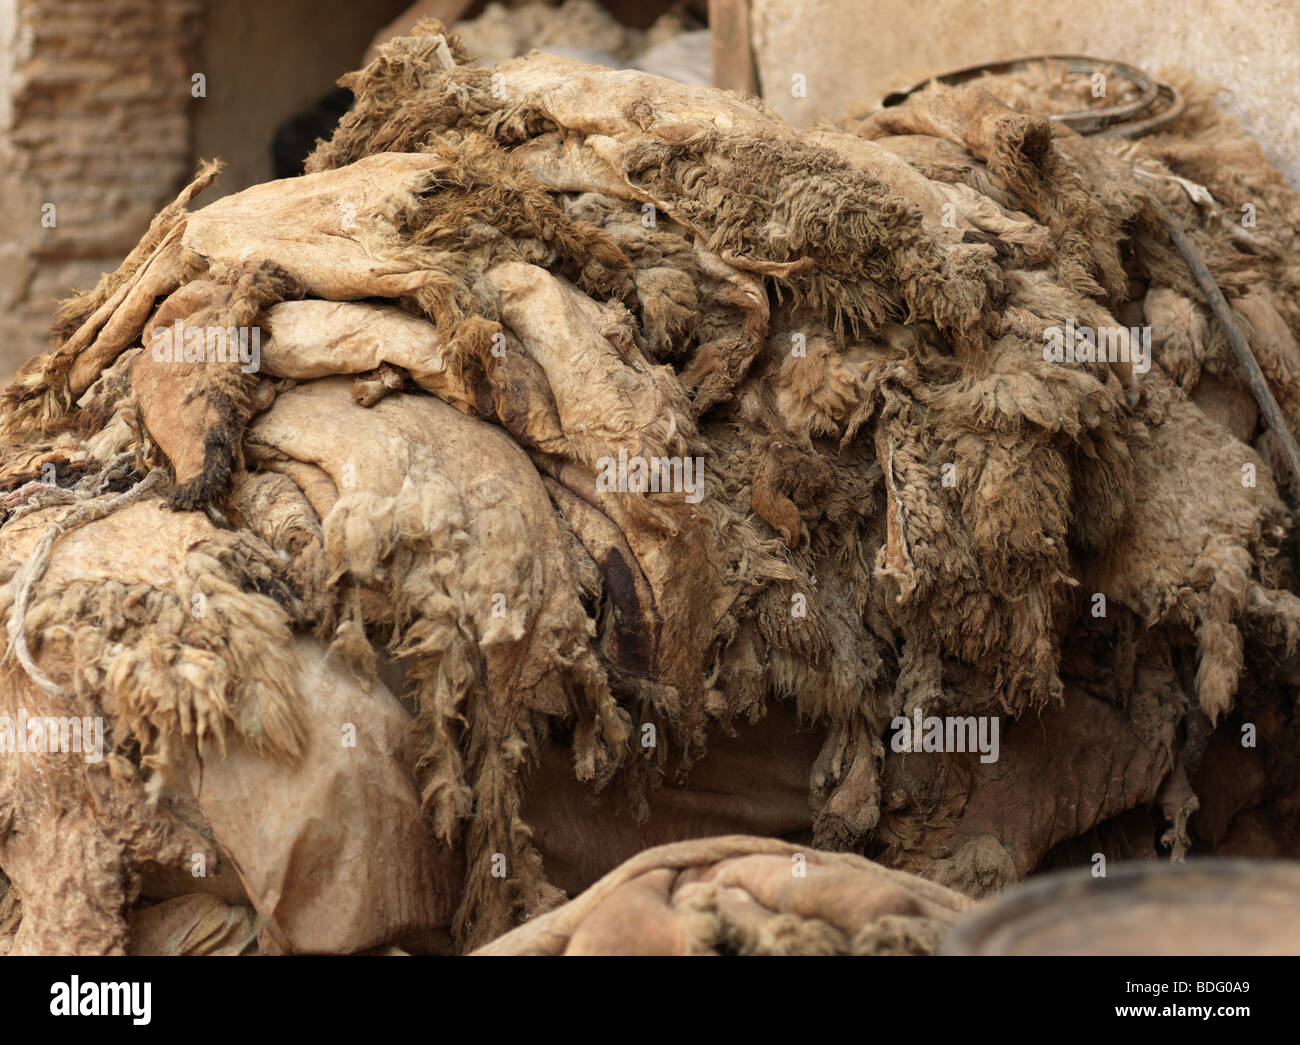 Versteckt sich in einer Gerberei Souk in der Medina von Fes Fez in Marokko in Nordafrika am 19. August 2009 abgebildet Stockbild